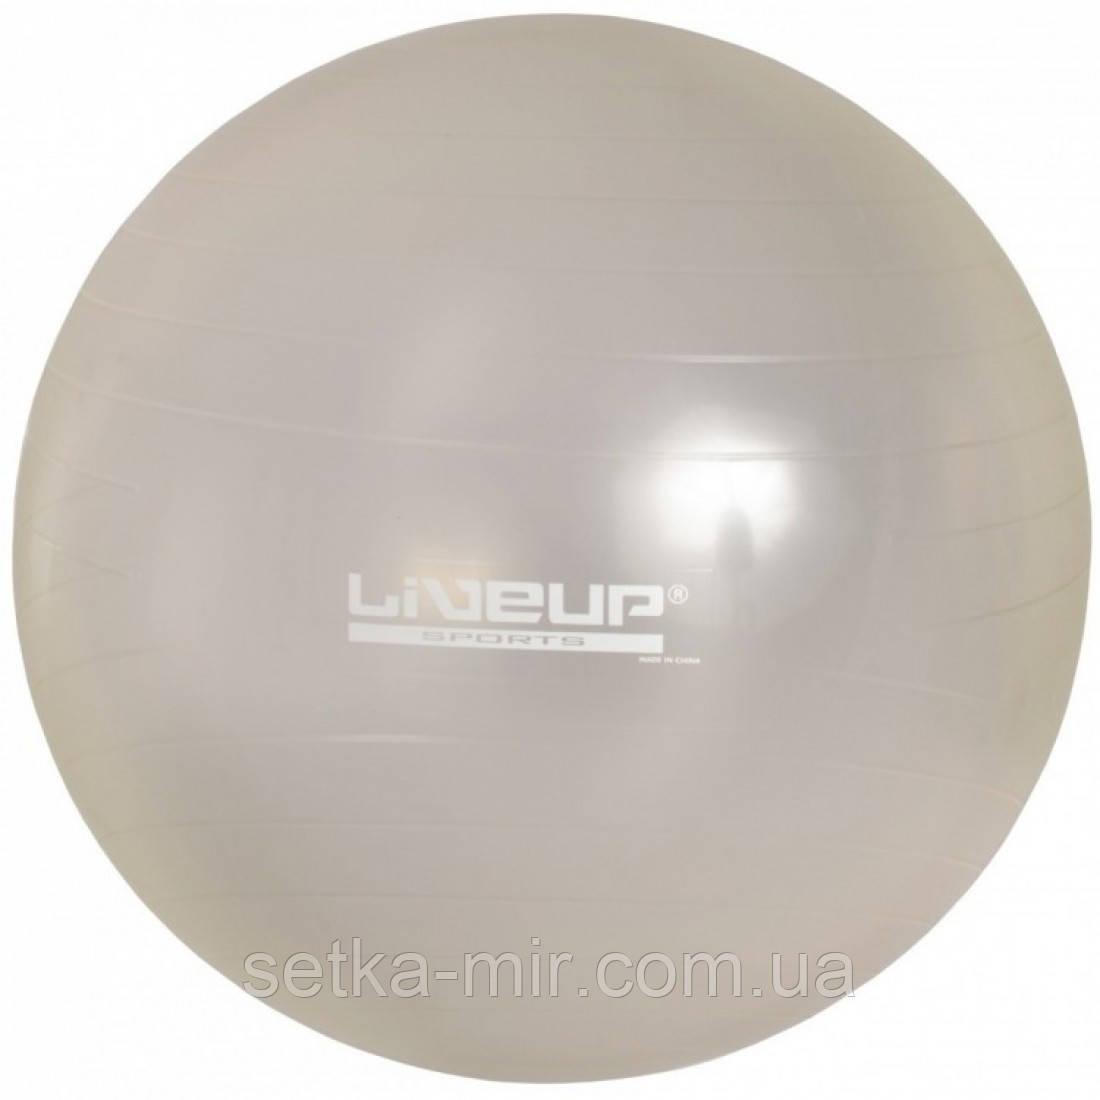 Фитбол антивзрыв, насос в комплекте ANTI-BURST BALL 75 см